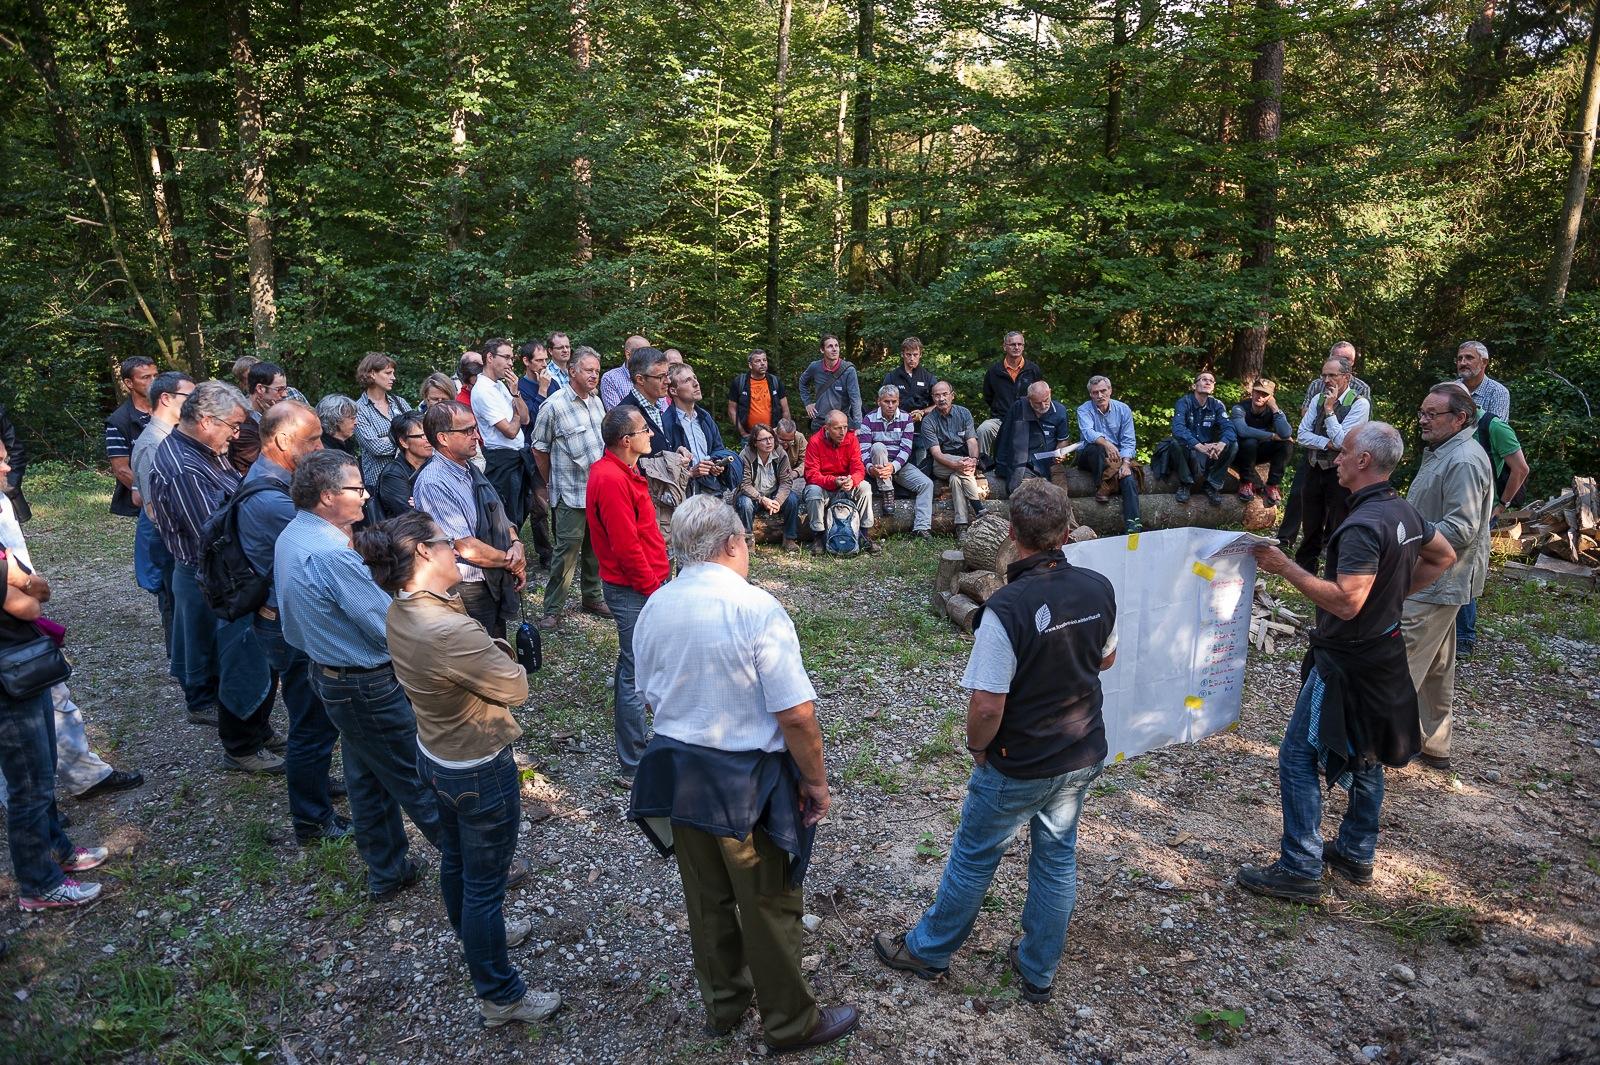 Forstumgang 2012 mit Stadtforstmeister Beat Kunz (v.r.): Am lebenden Objekt die Folgen politischer Entscheidungen demonstrieren (Foto: Michael Wiesner)